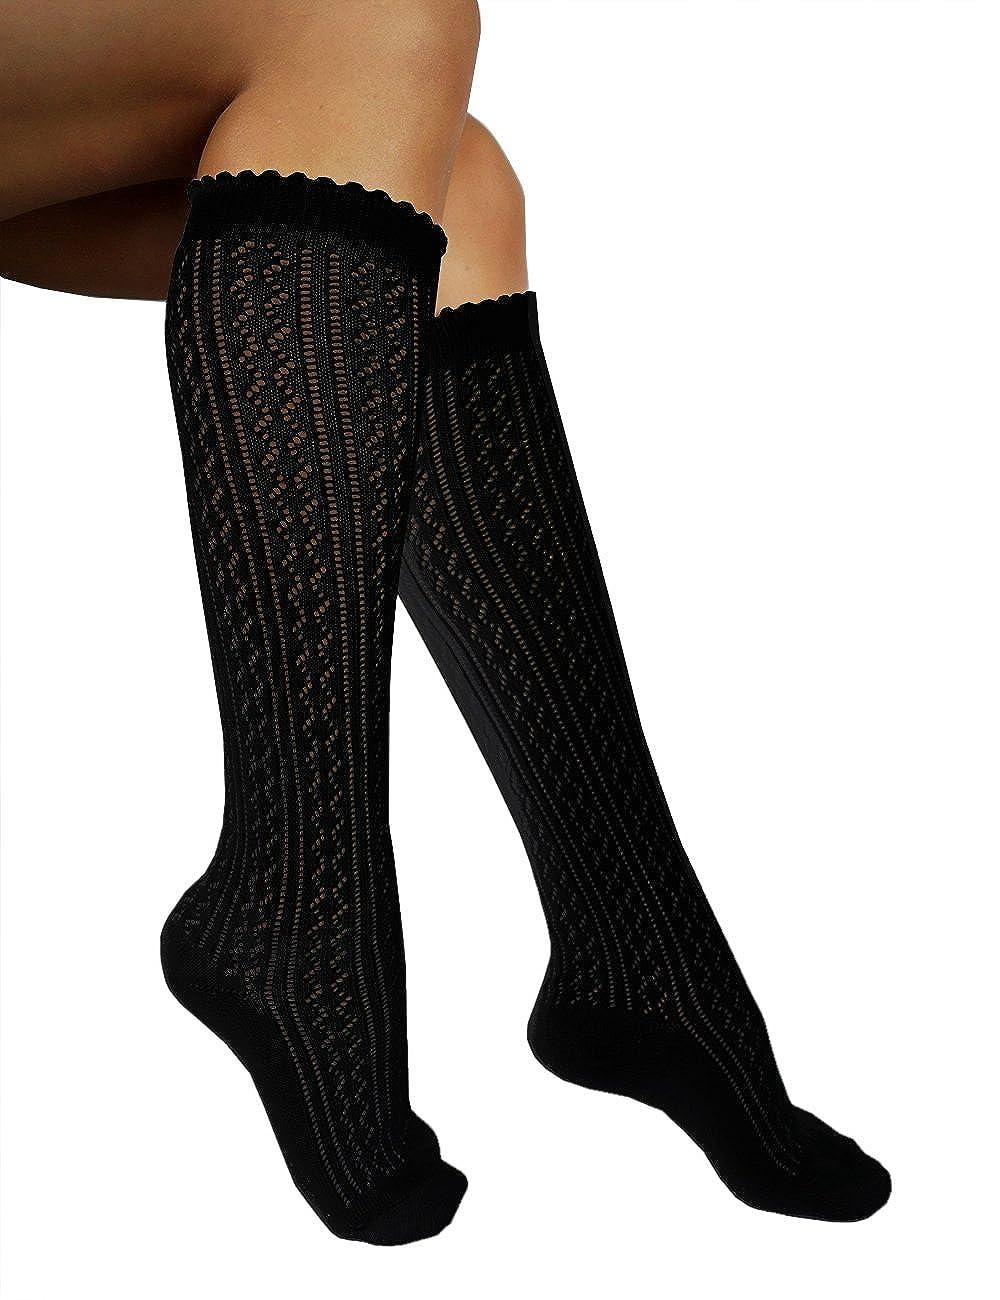 etrado fashion Knie- und Überkniestrümpfe Trachtenstrümpfe für das Oktoberfest